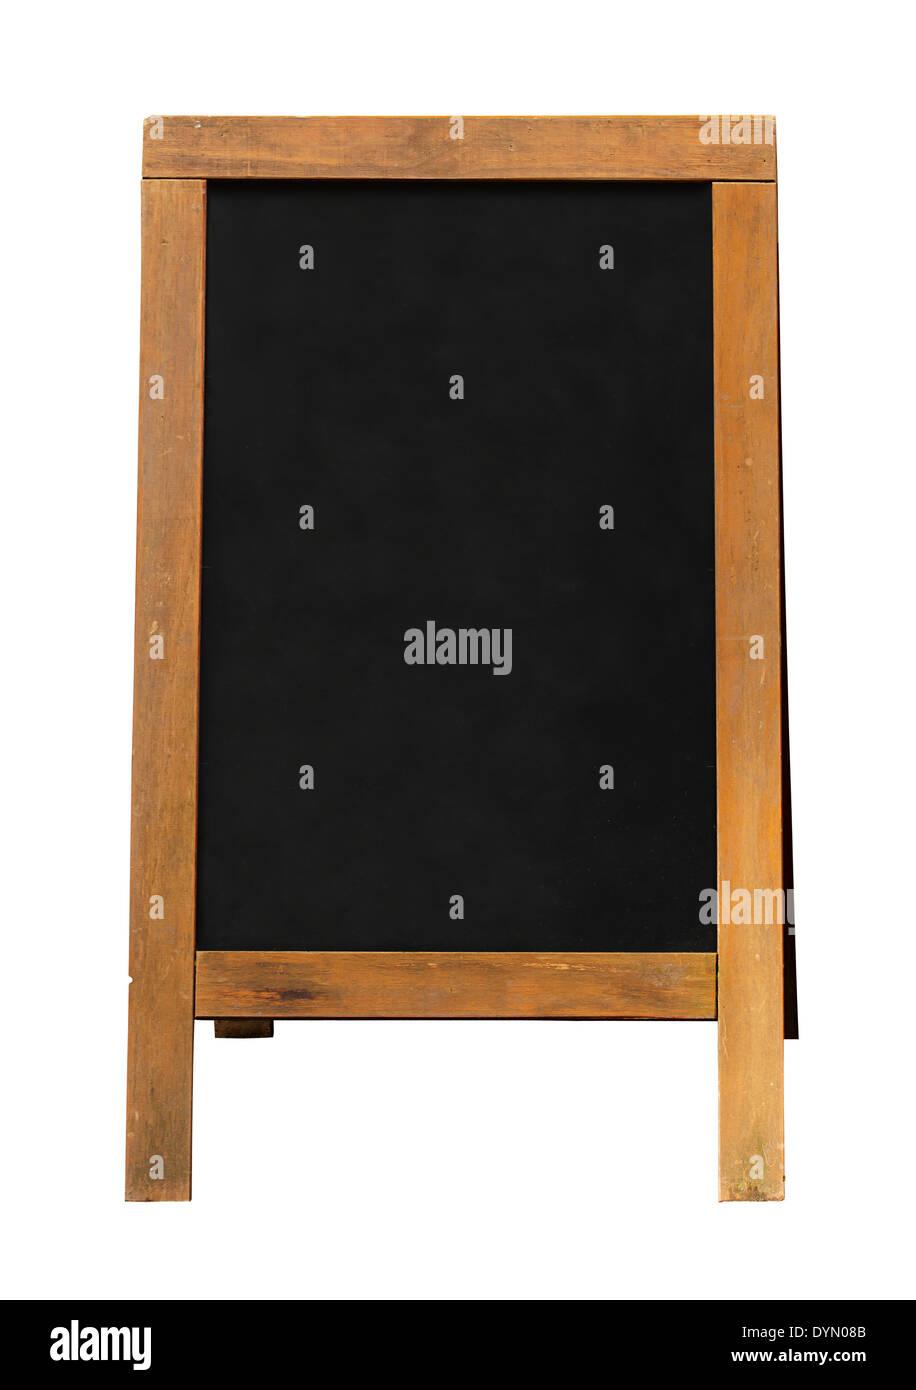 Tableau noir un cadre signe avec cadre en bois et la zone vide pour votre message de ventes ou d'une offre. Banque D'Images